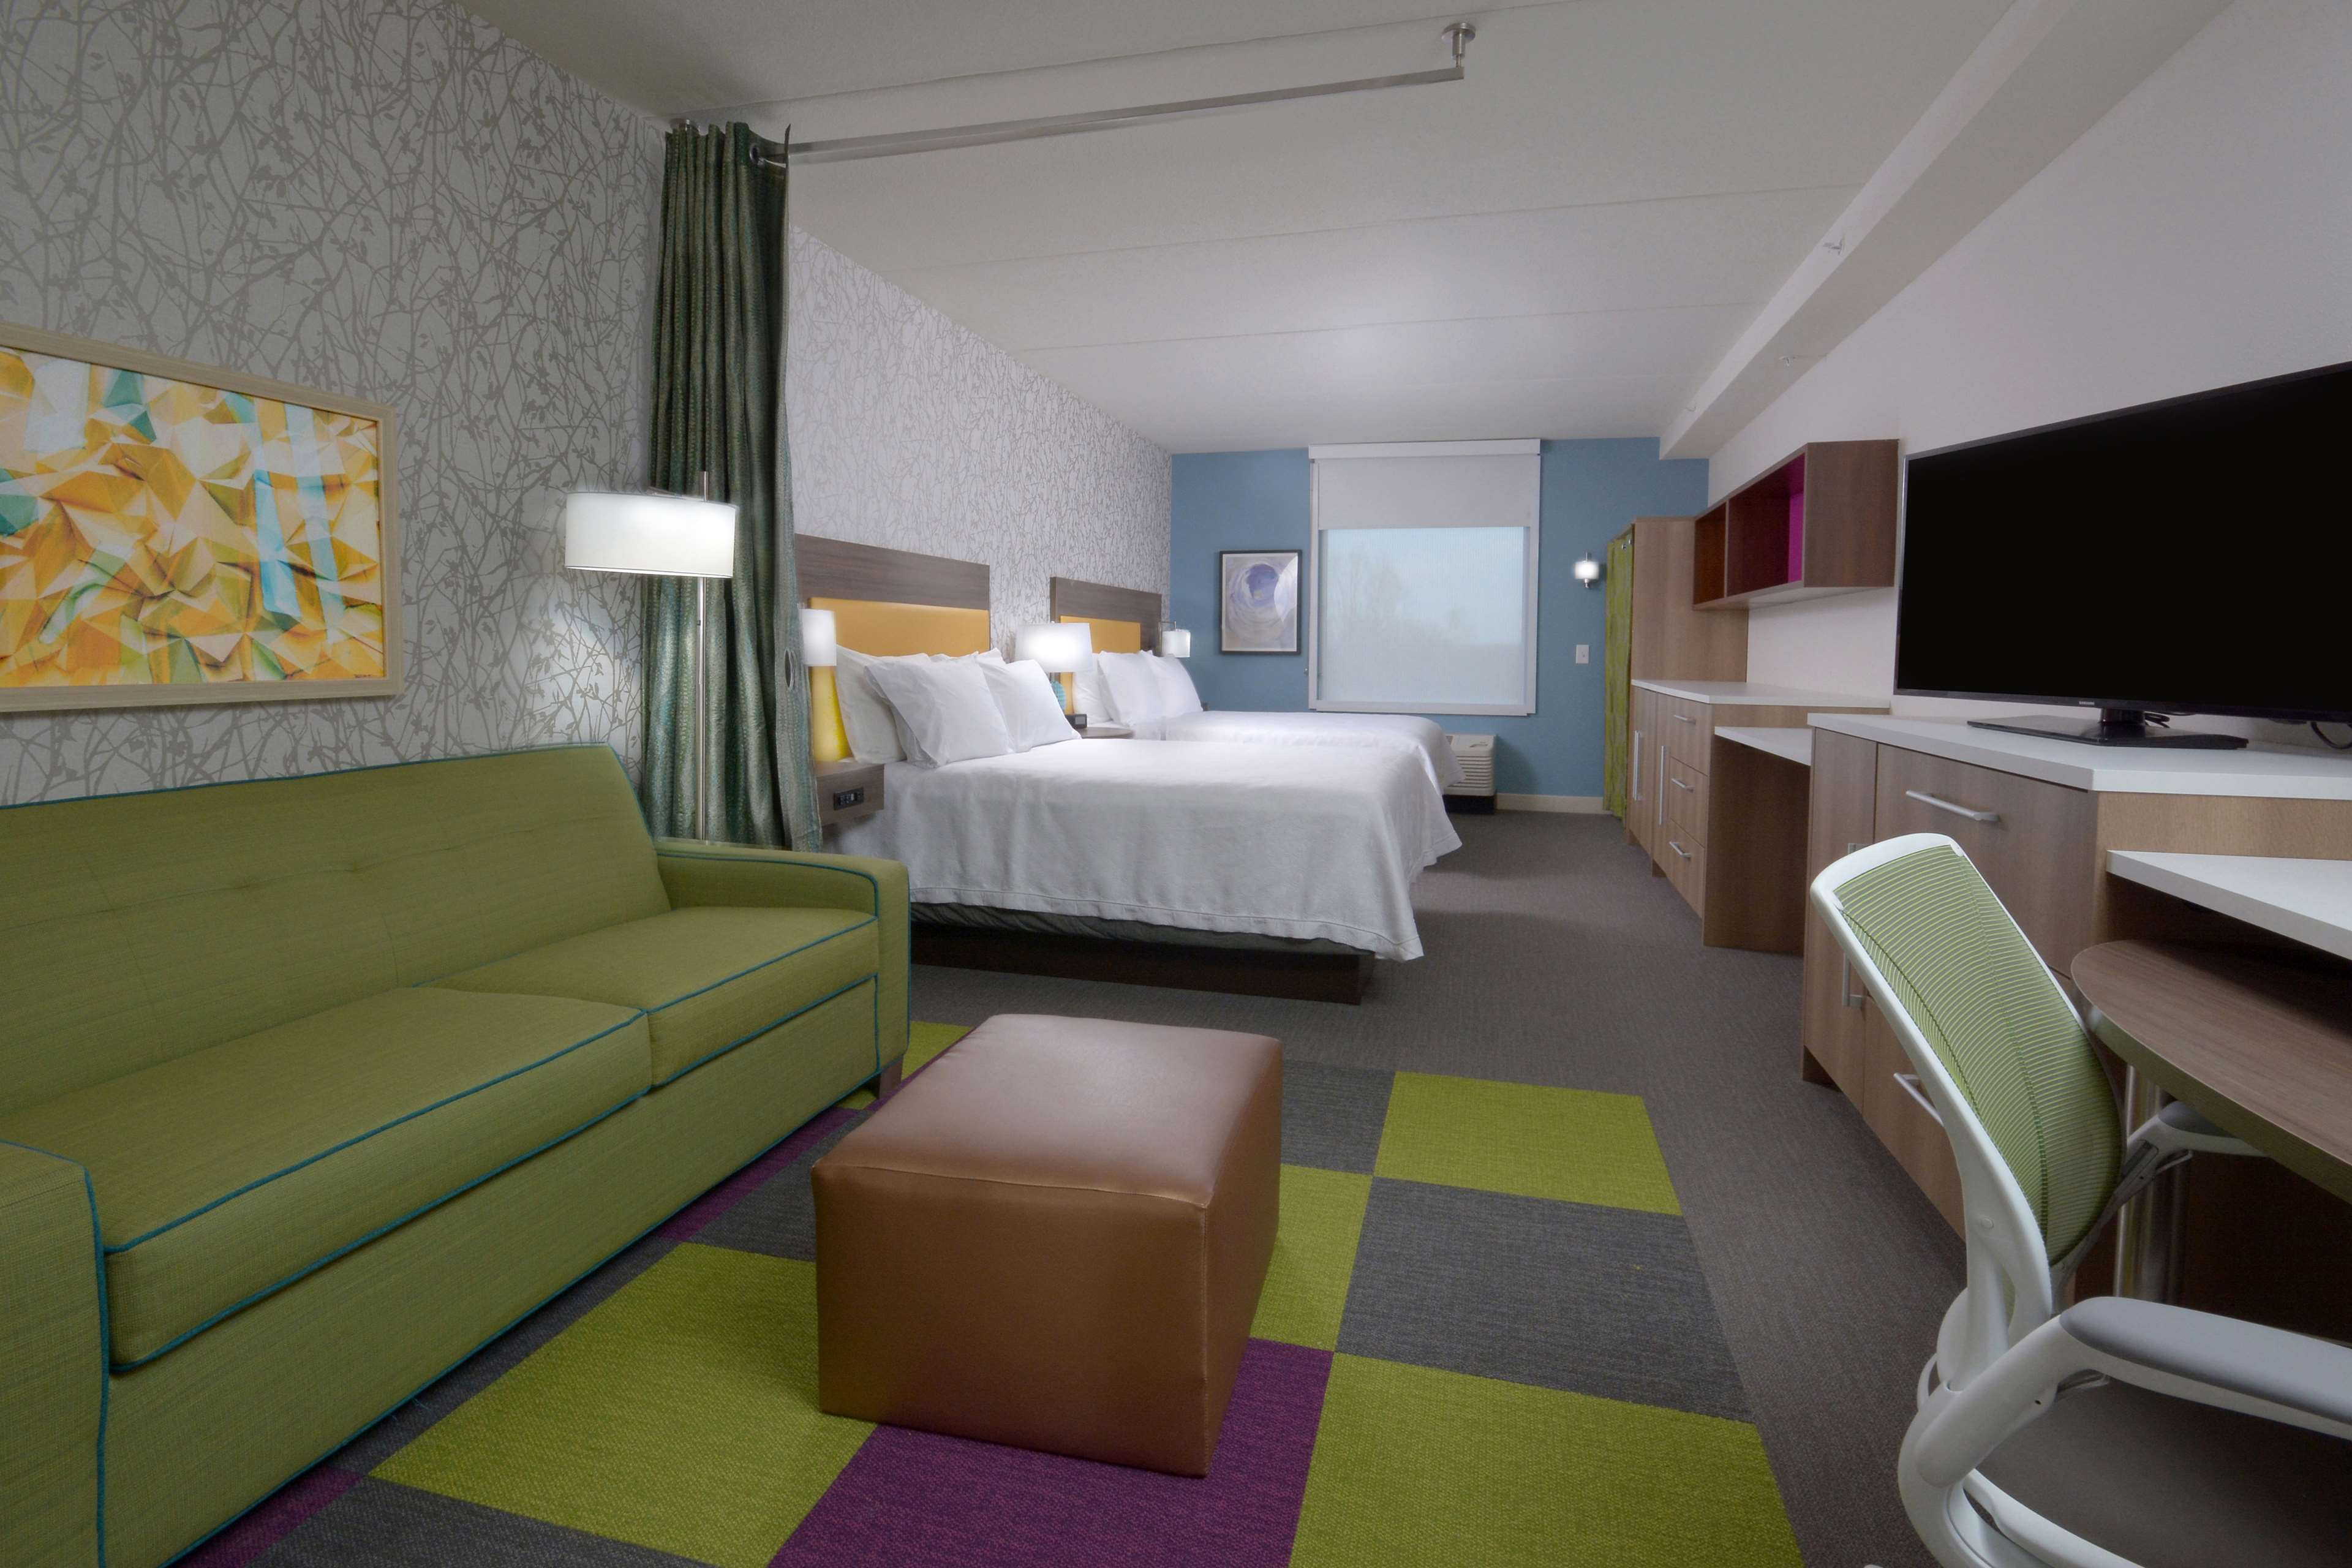 Home2 Suites by Hilton Duncan image 20